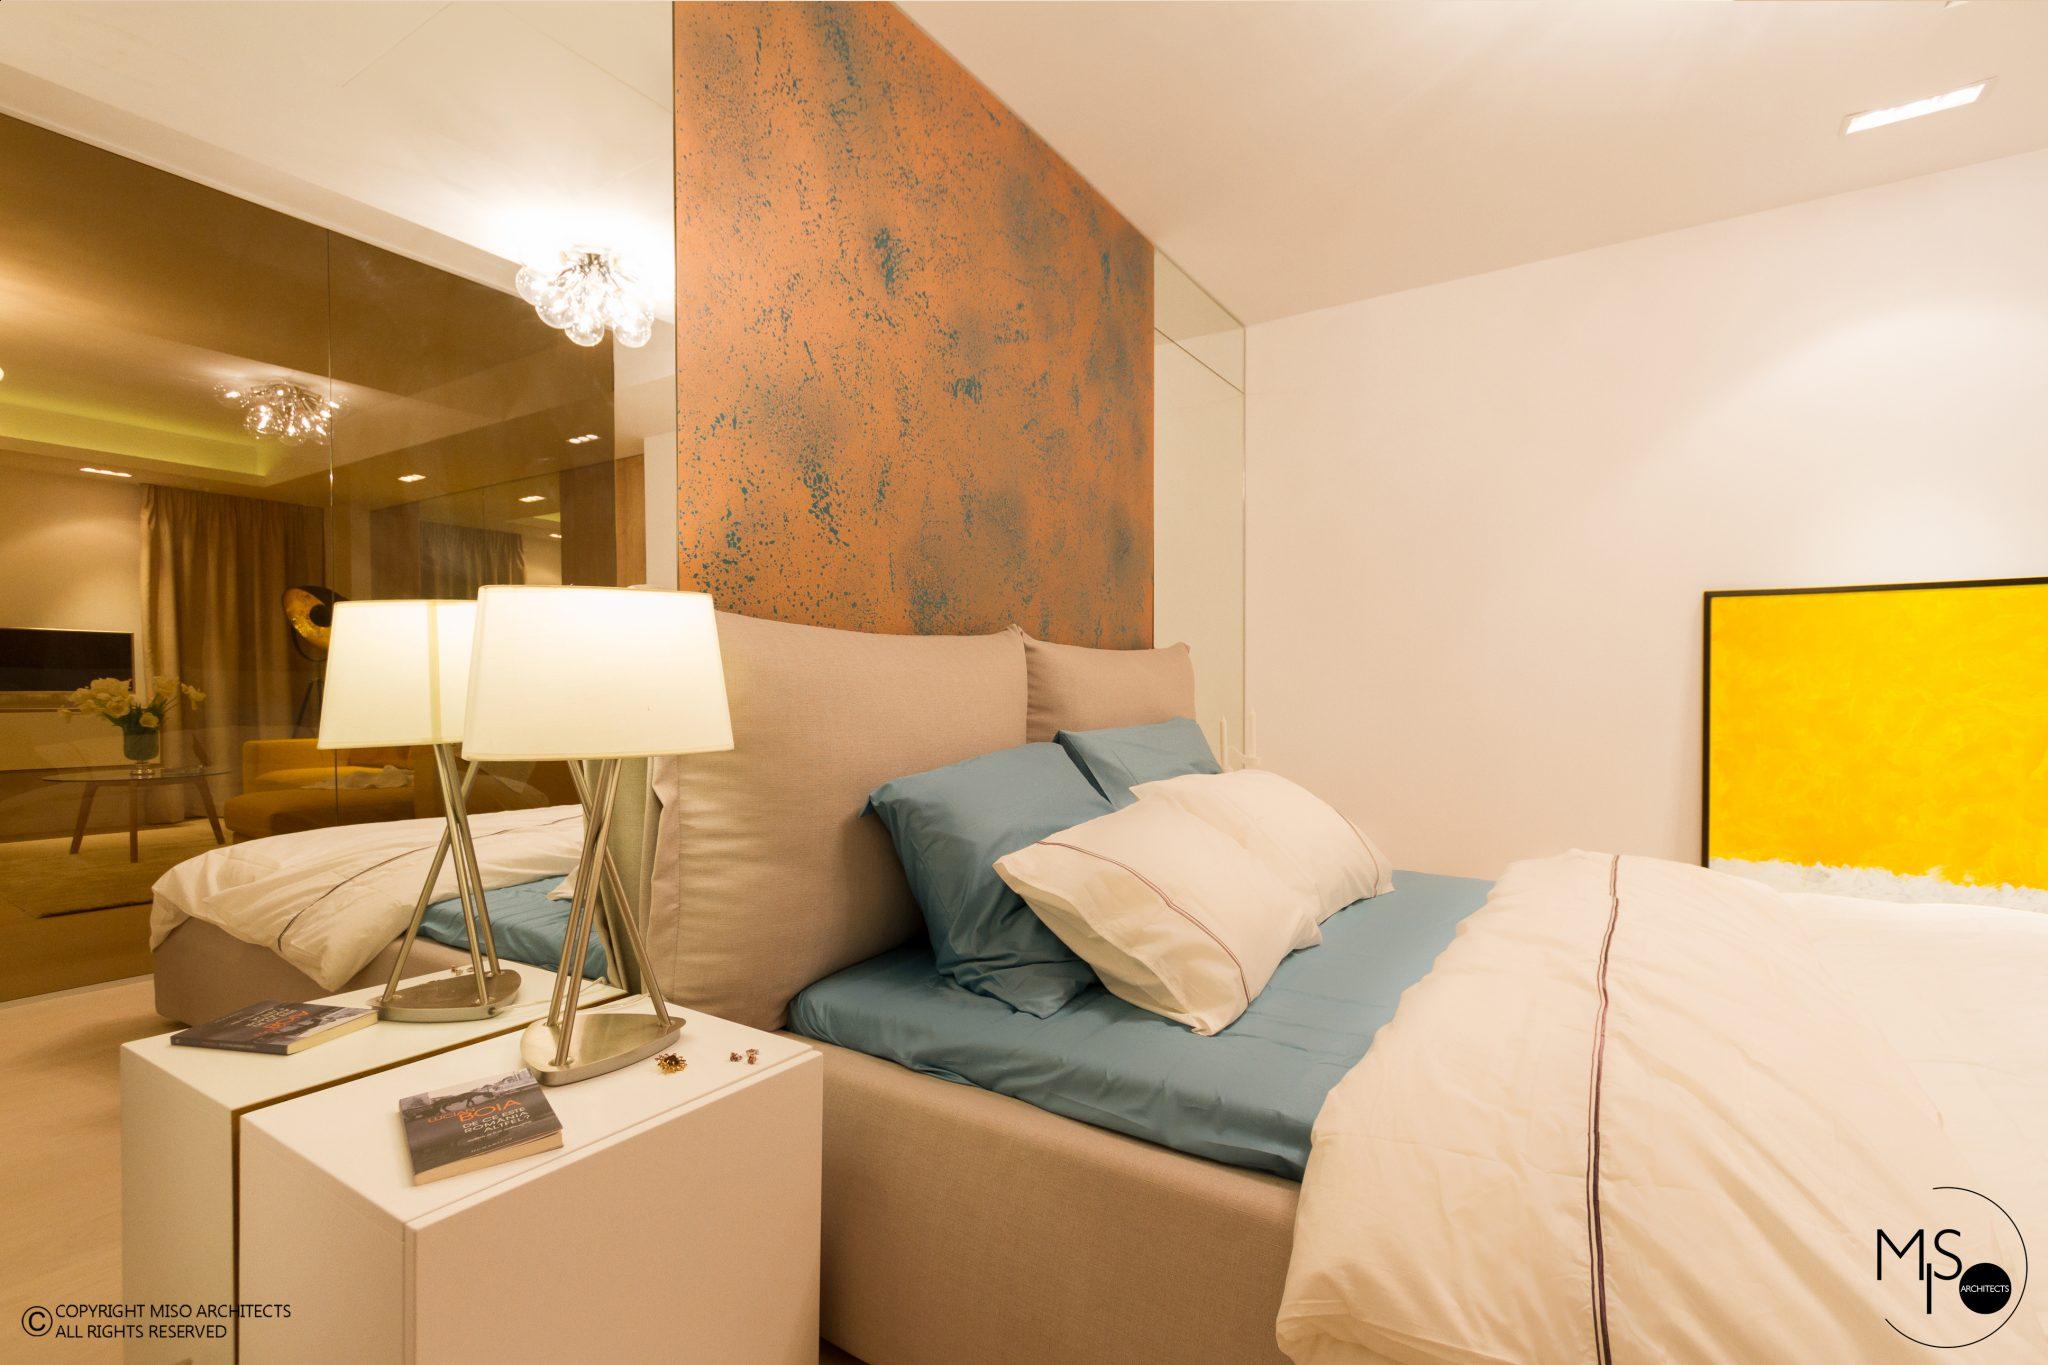 Dormitor separat de perete de sticlă într-o garsonieră de 50 m² din București 11